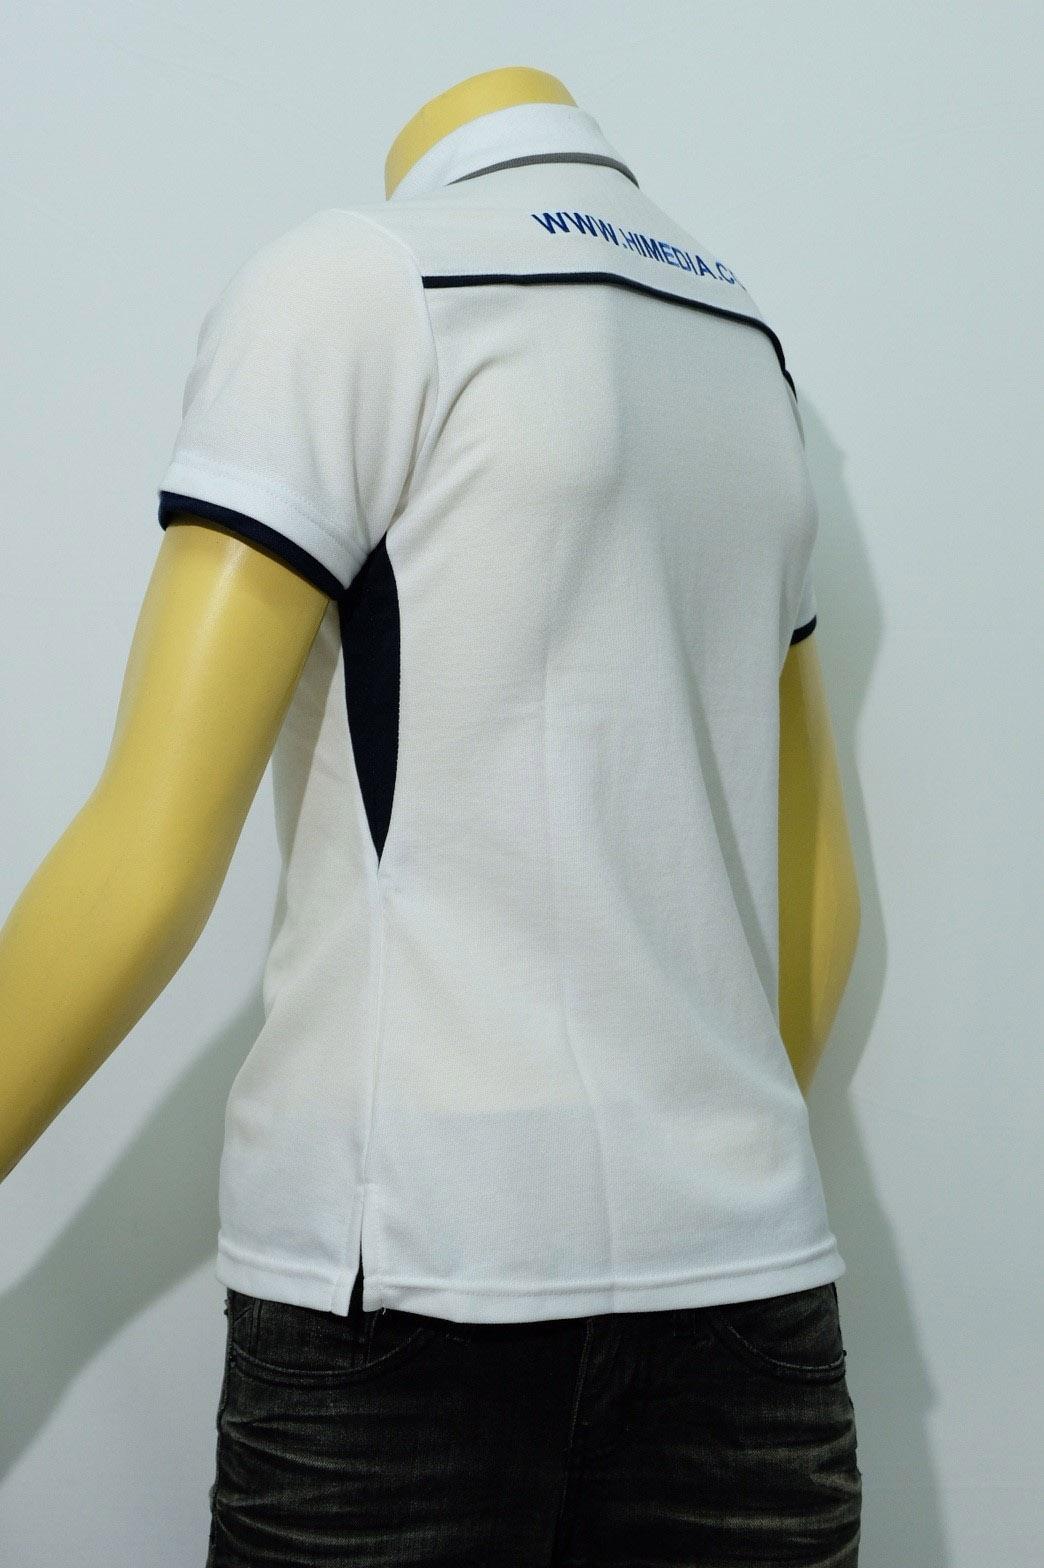 เสื้อโปโลสีขาว พร้อมปักลาย